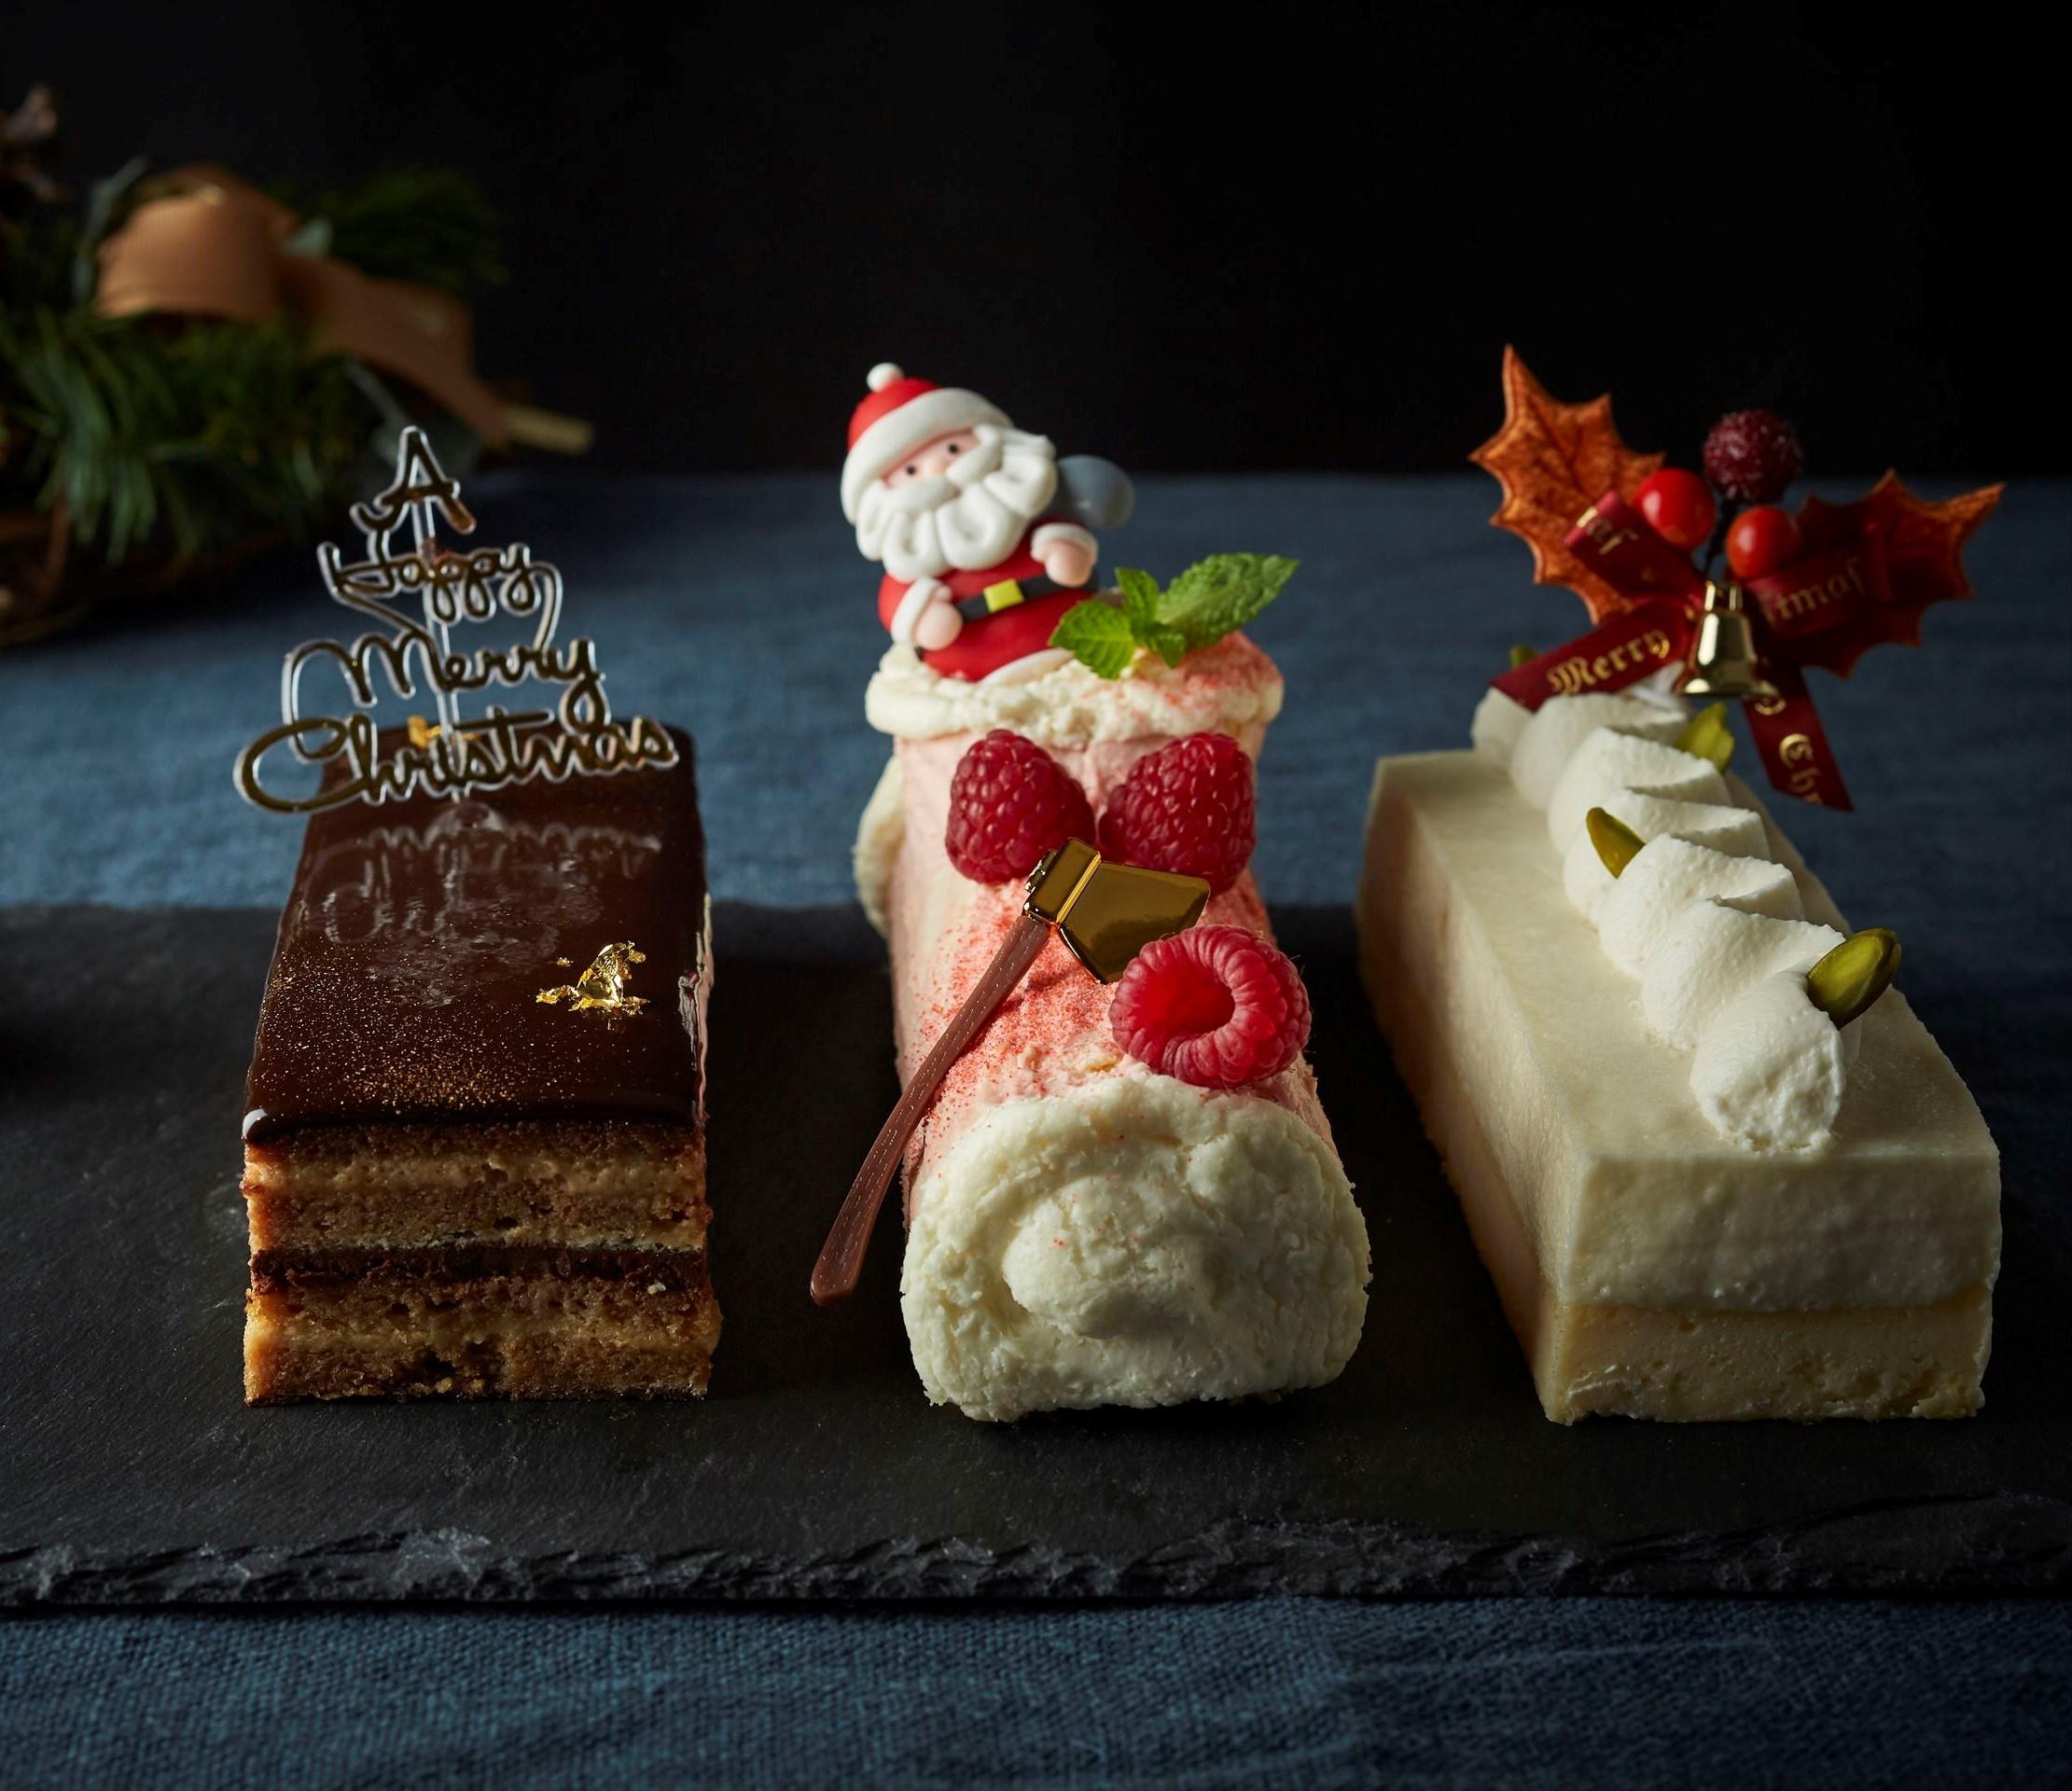 三種のクリスマスケーキアソート